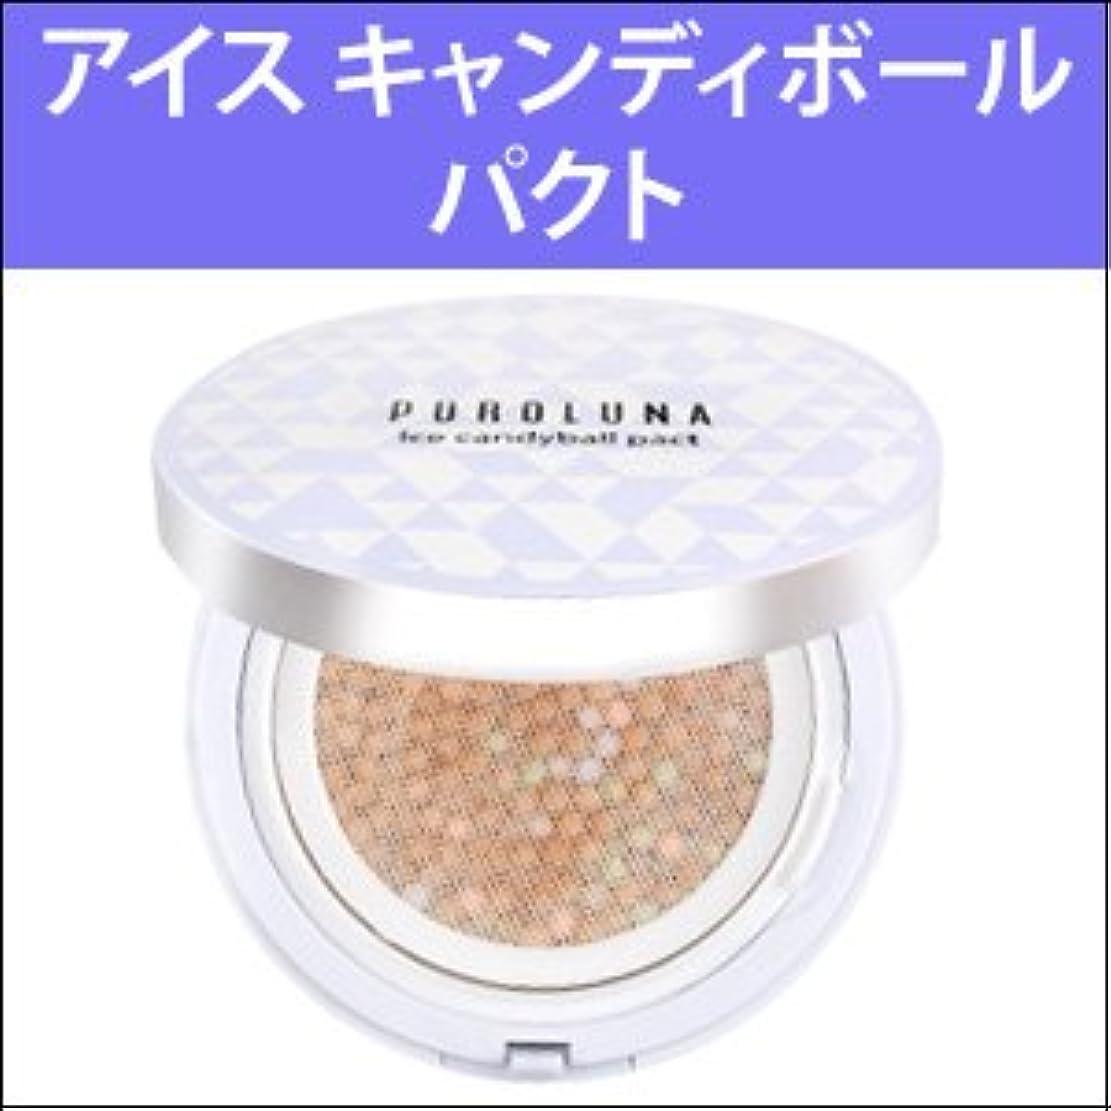 代わりにレクリエーション克服する『PUROLUNA?プロルナ』 アイス キャンディボール パクト(SPF50+/PA+++) カラー:1号 バニラ